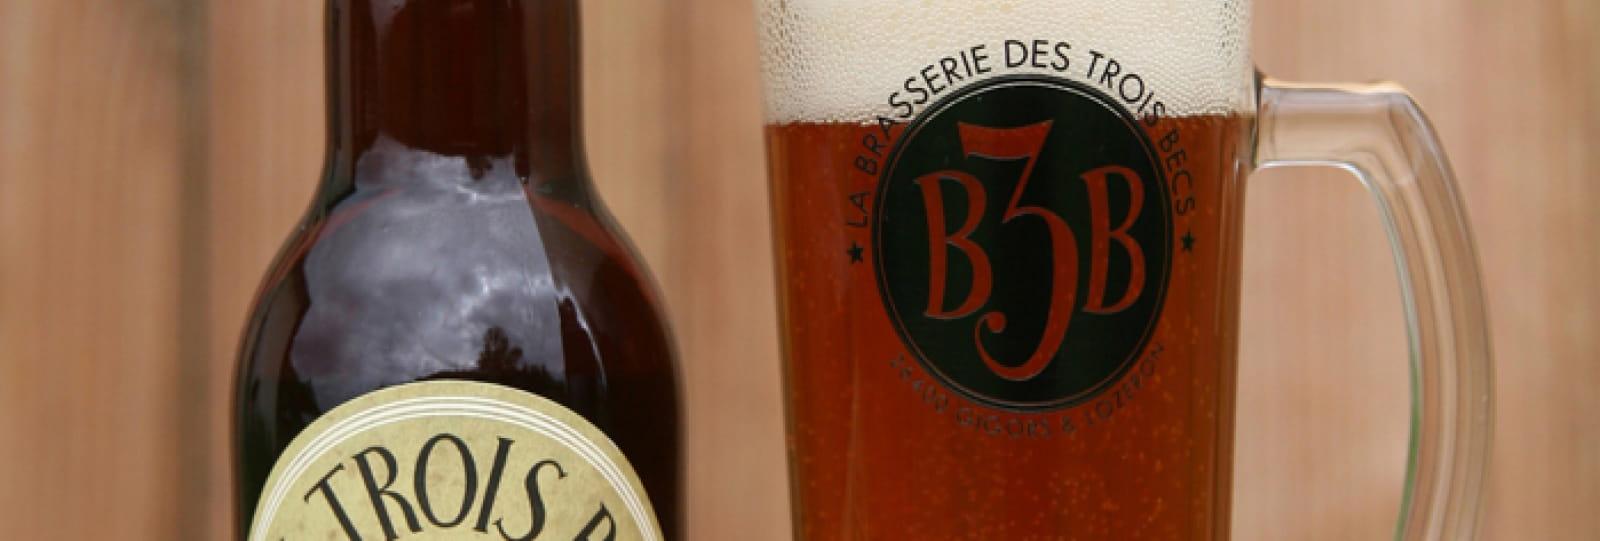 Pub de la Brasserie des Trois Becs